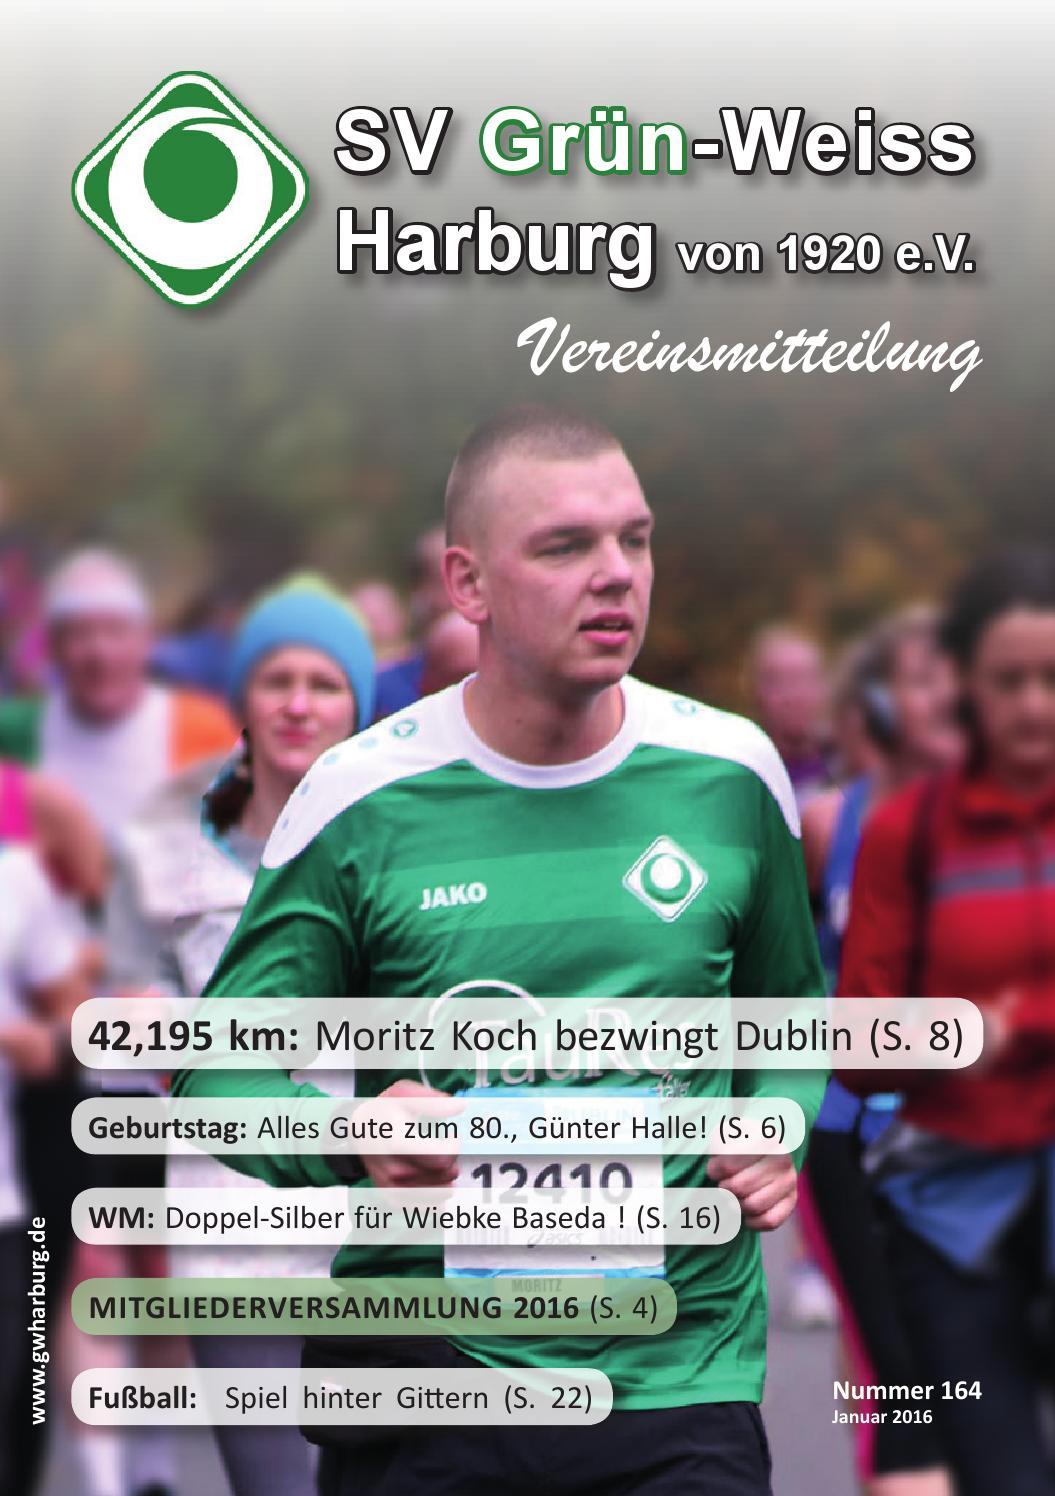 Grün Weiß Harburg